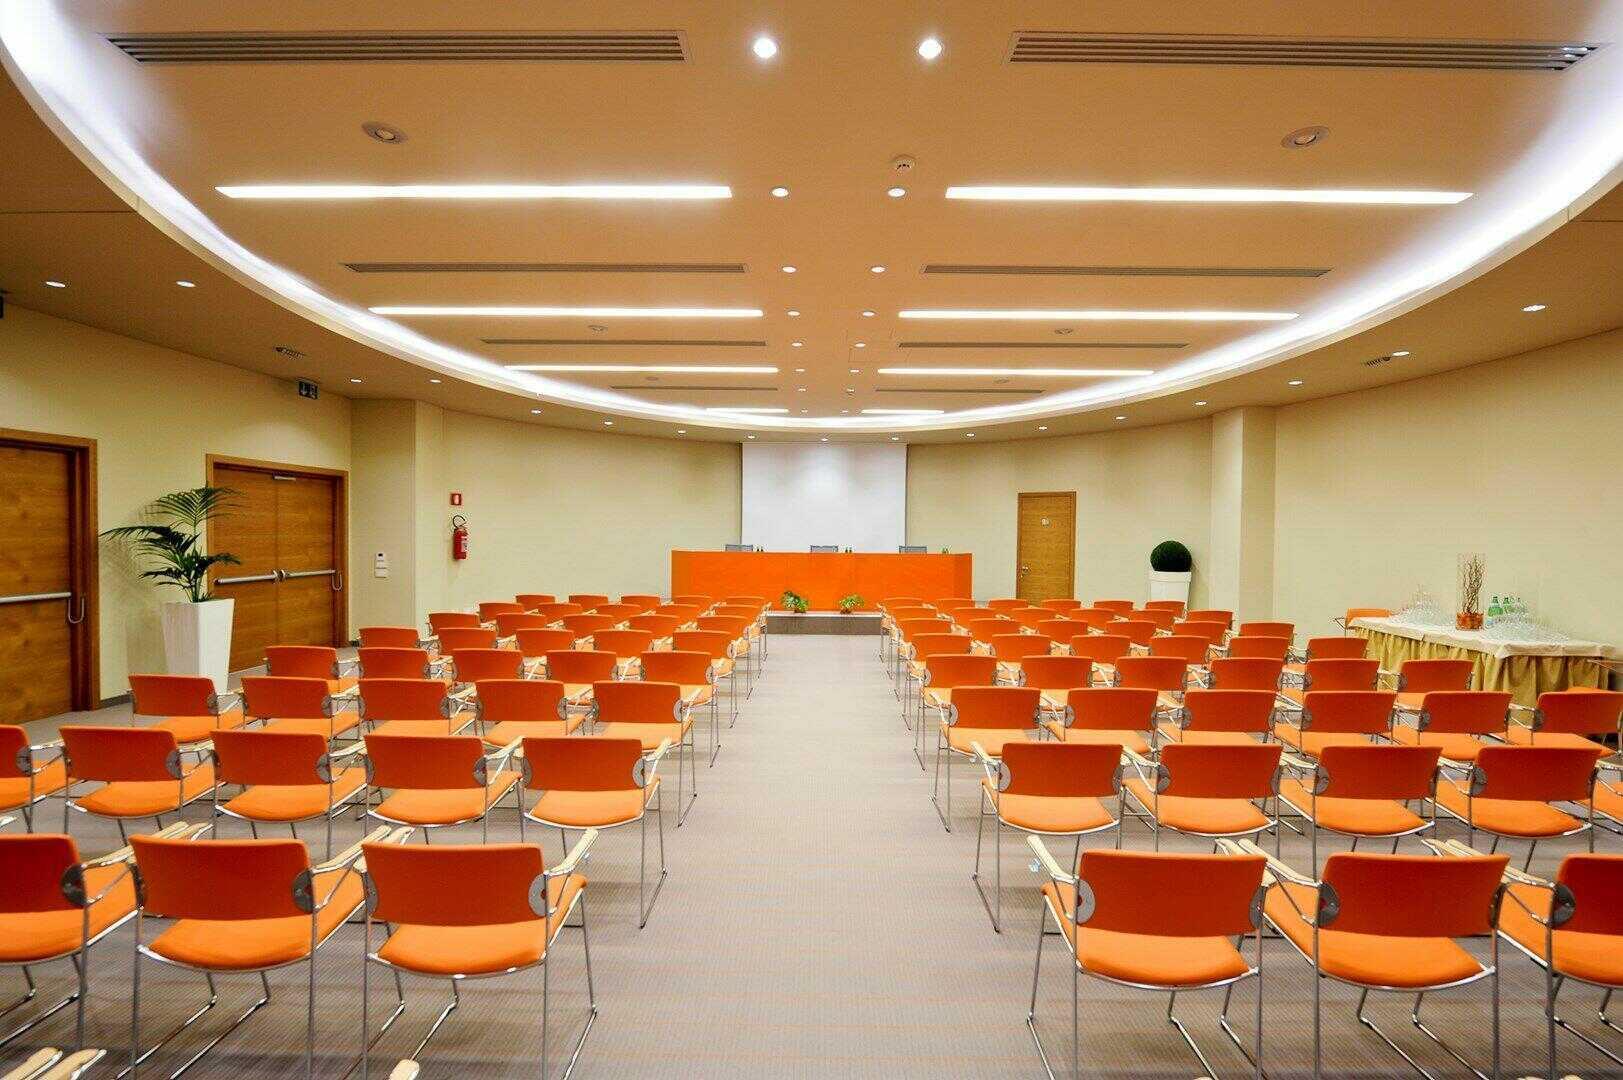 Dimensioni Sala Conferenze 100 Posti.Sale Meeting Di Hotel Corte Valier Lazise